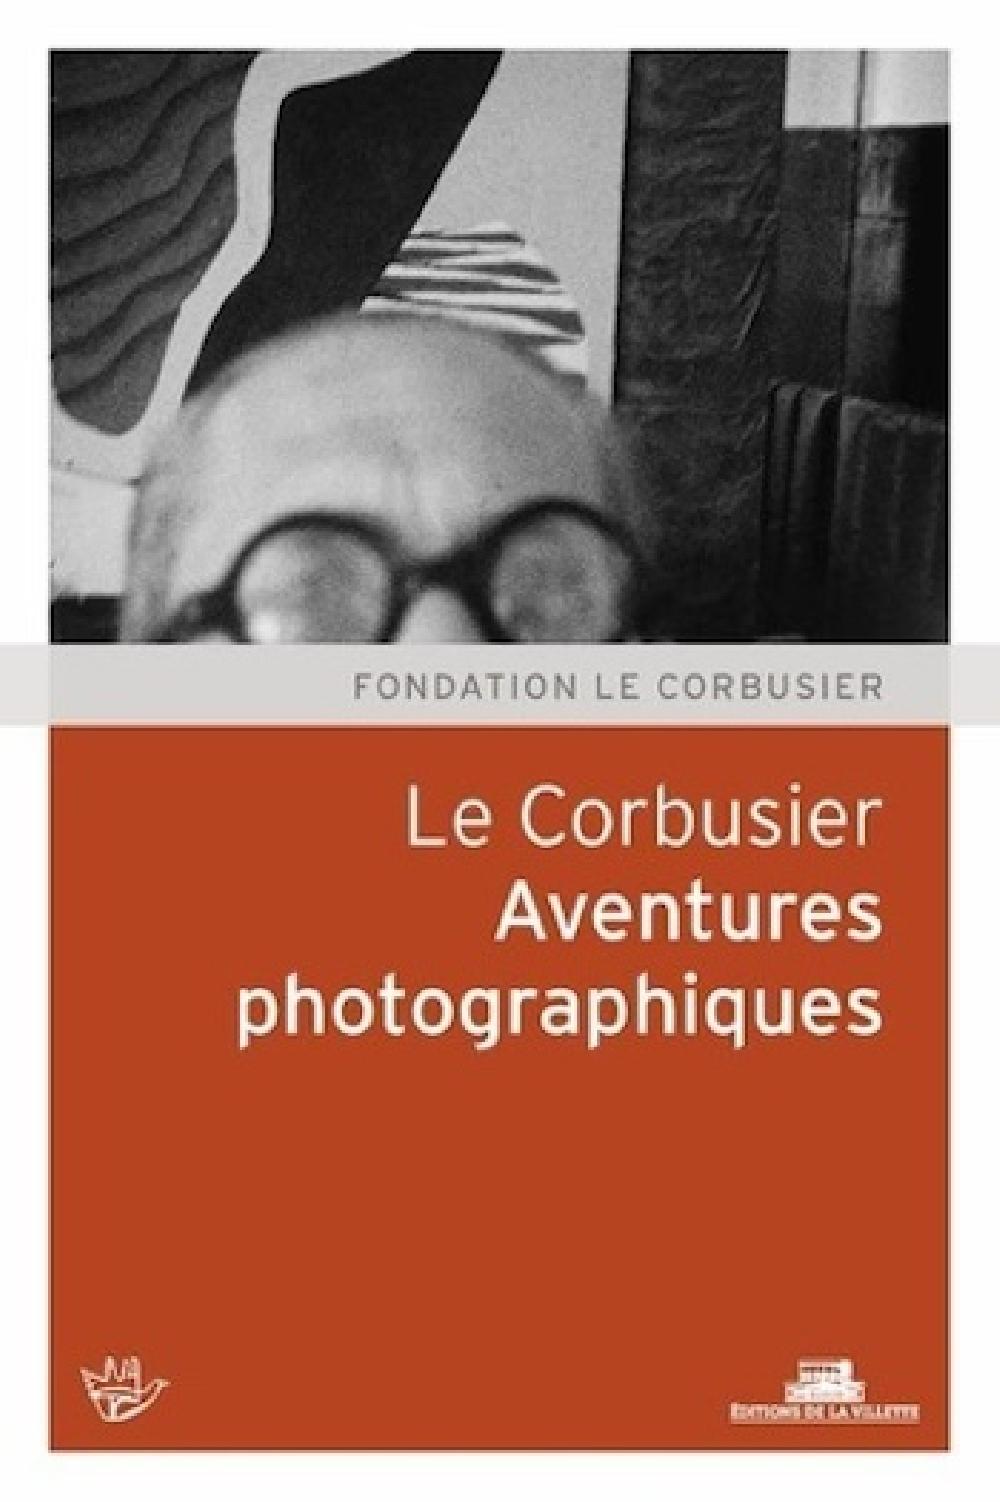 Aventures photographiques. Le Corbusier.